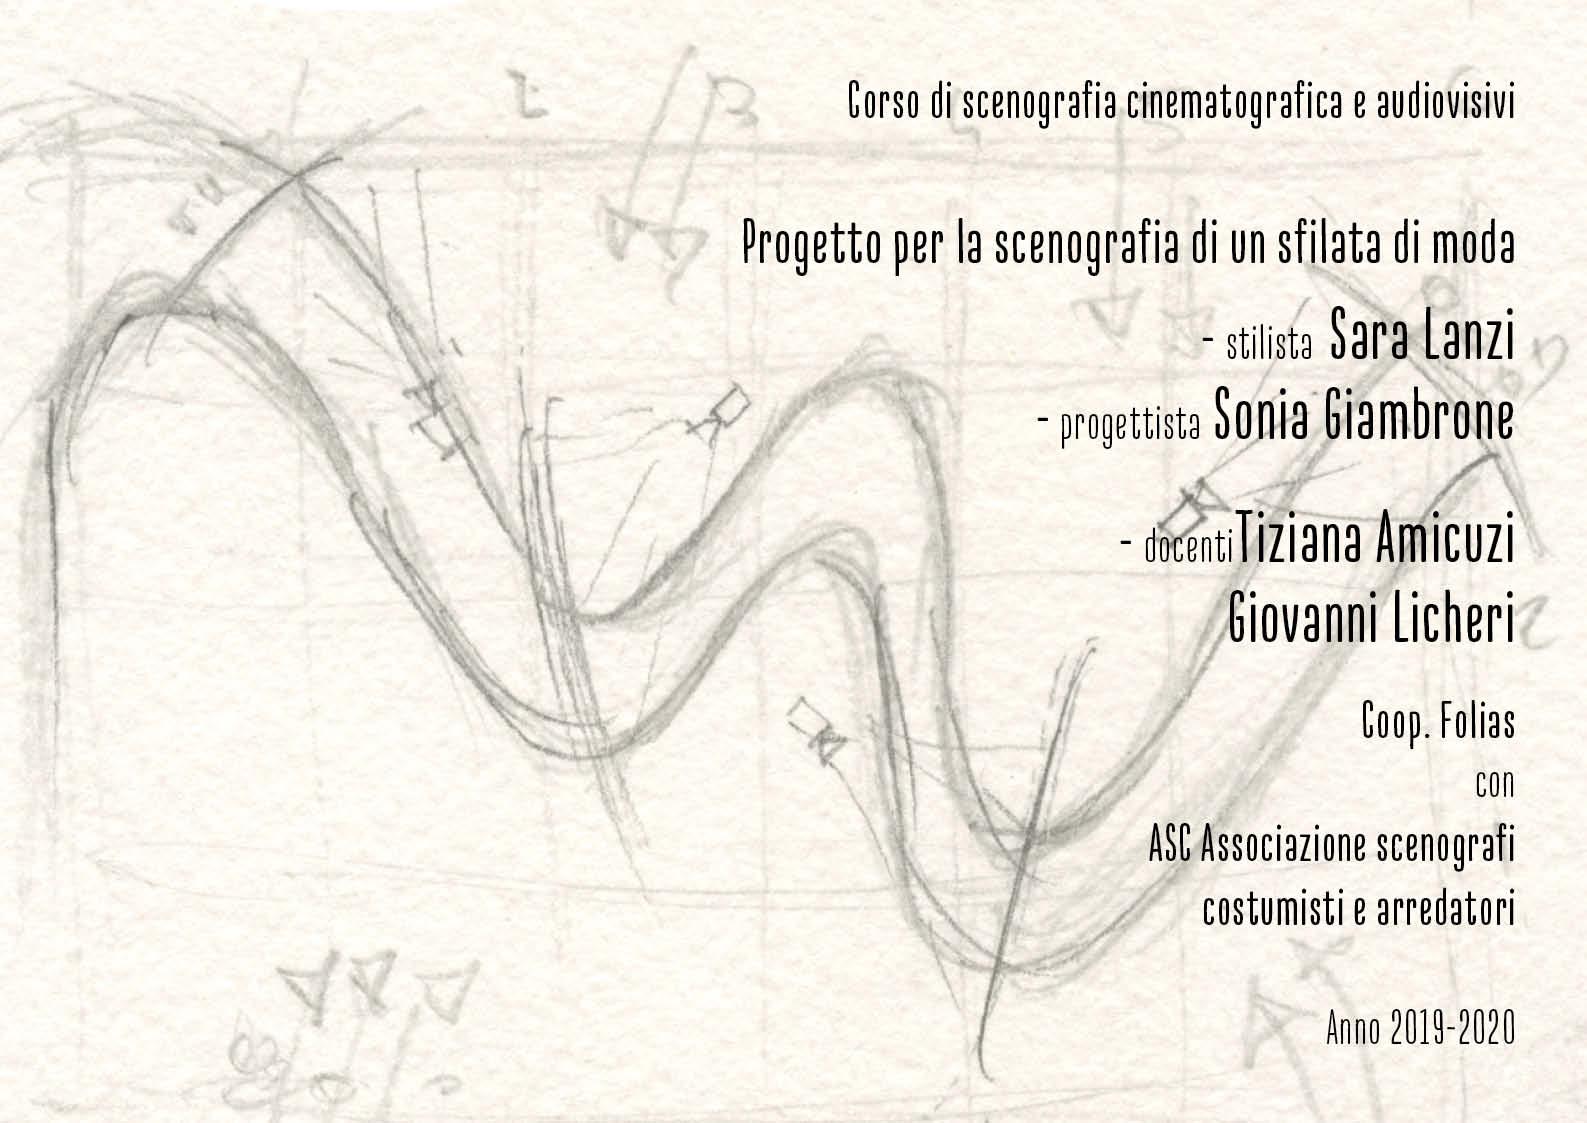 web-progetto-sfilata-di-moda-sara-lanzi-di-sonia-giambrone